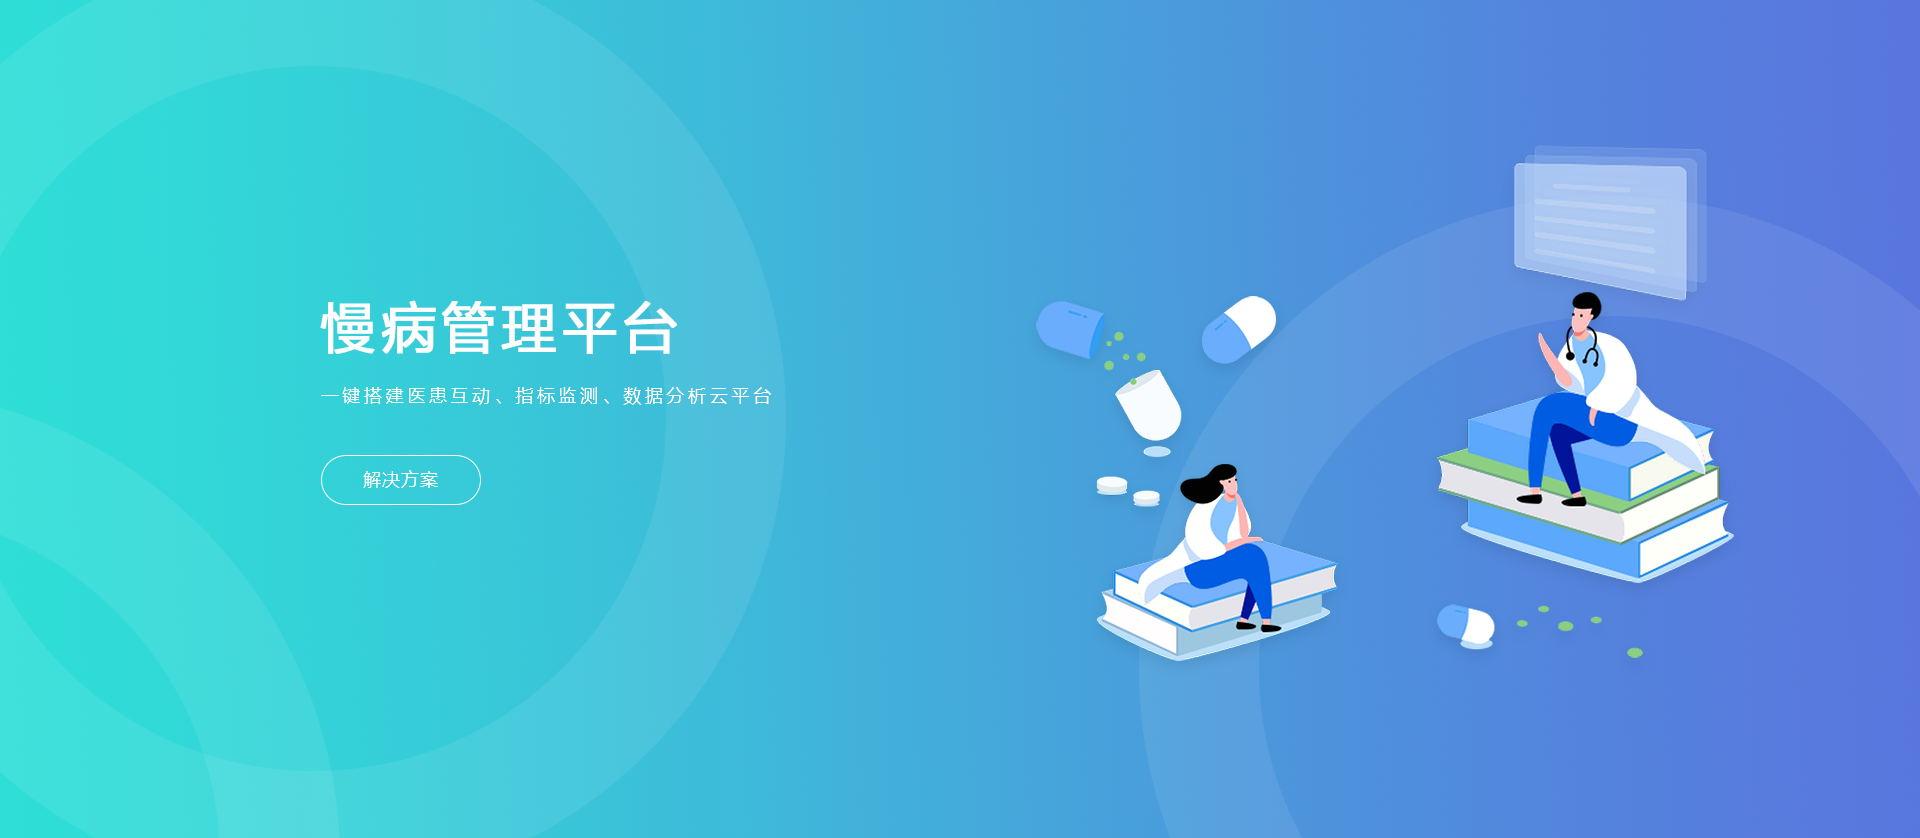 慢病管理行业软件下载头头平台方案